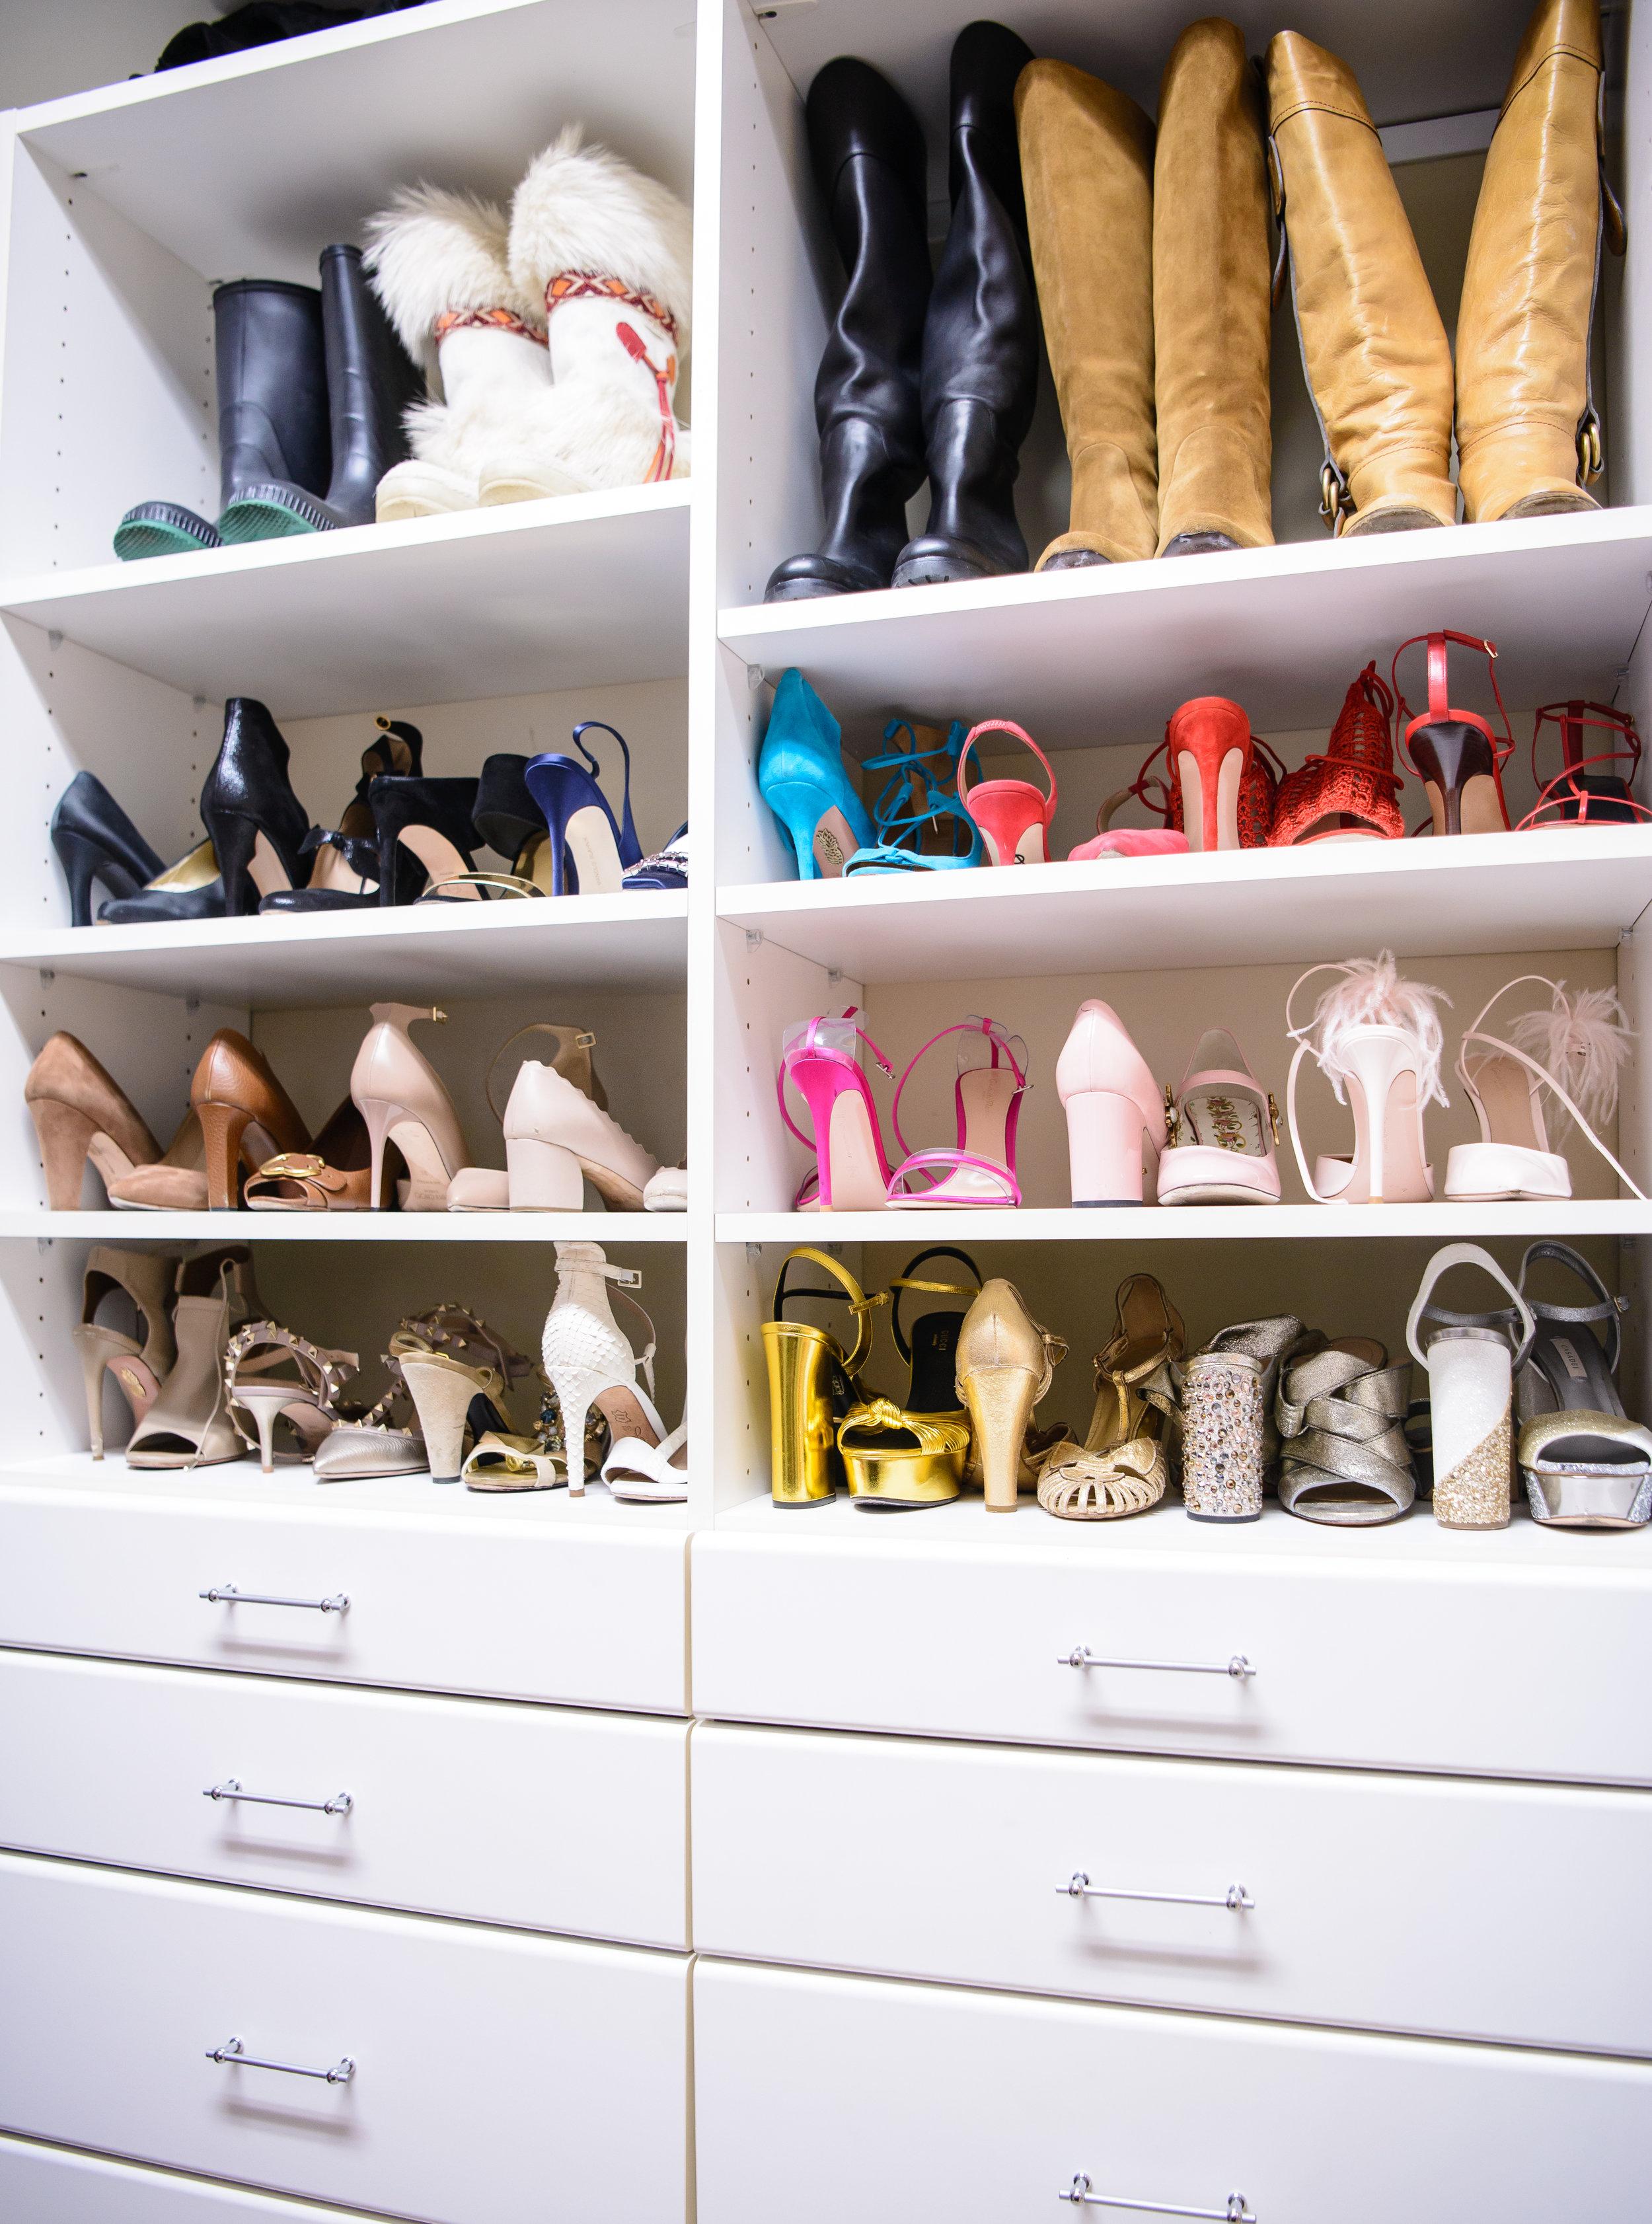 blue pencil home, shoes, closet